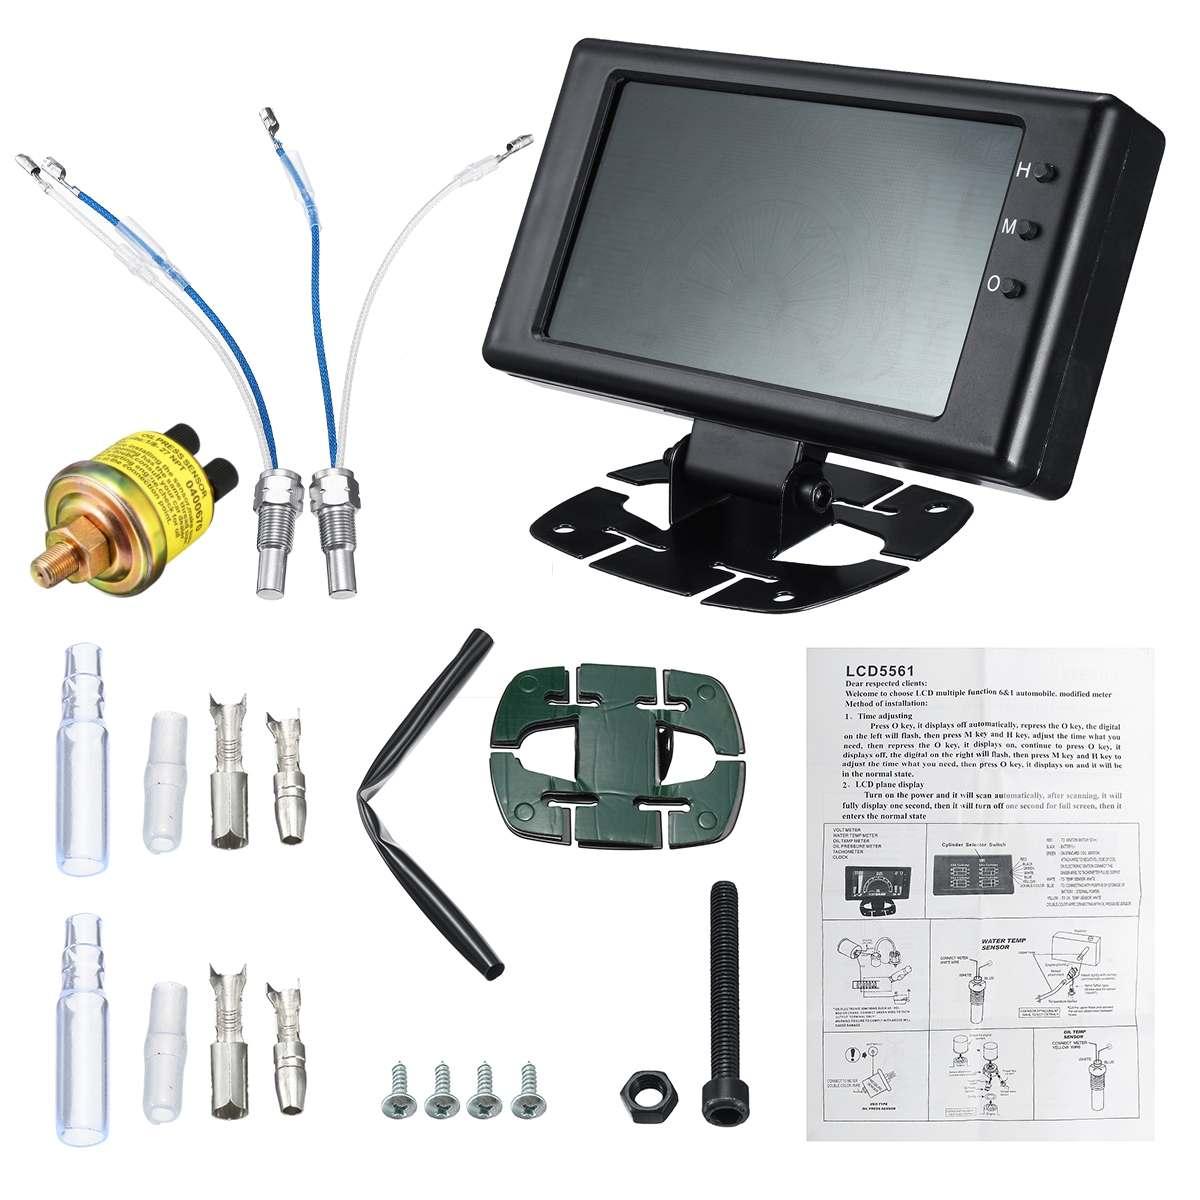 Hot 8-18V voiture mètre 6 en 1 LCD voiture jauge numérique pression d'huile tension eau température huile température tachymètre RPM